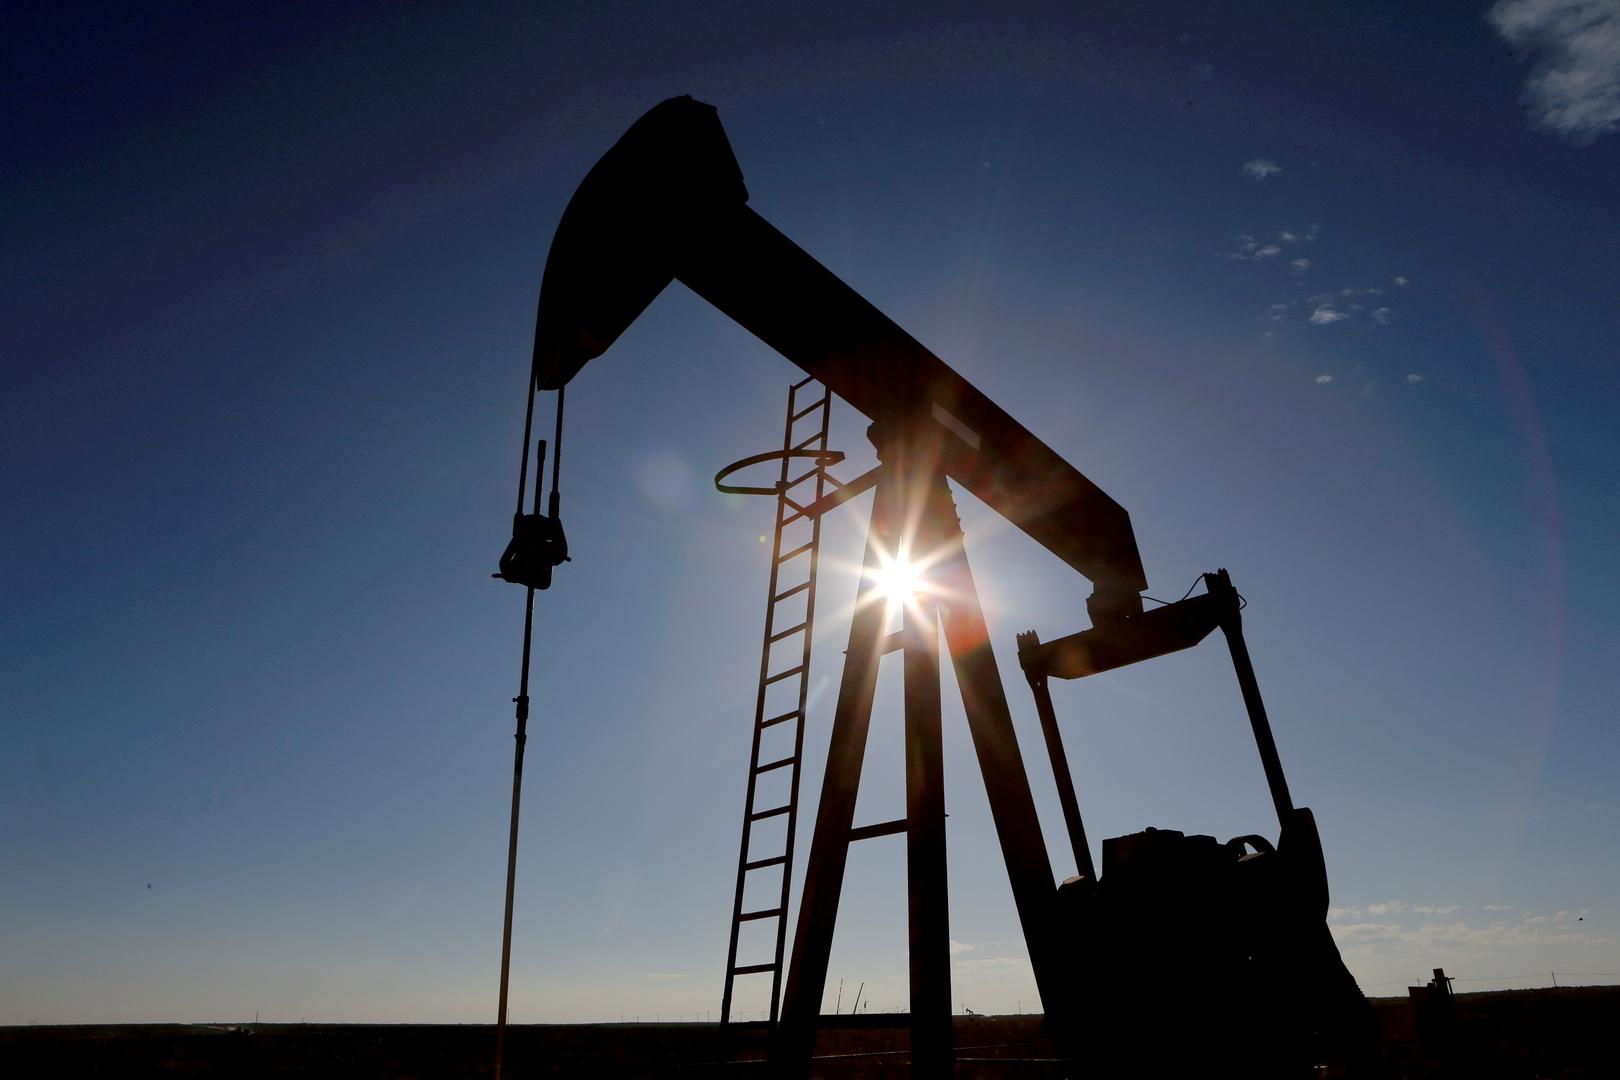 عقود النفط تسجل المزيد من الخسائر مع هبوط